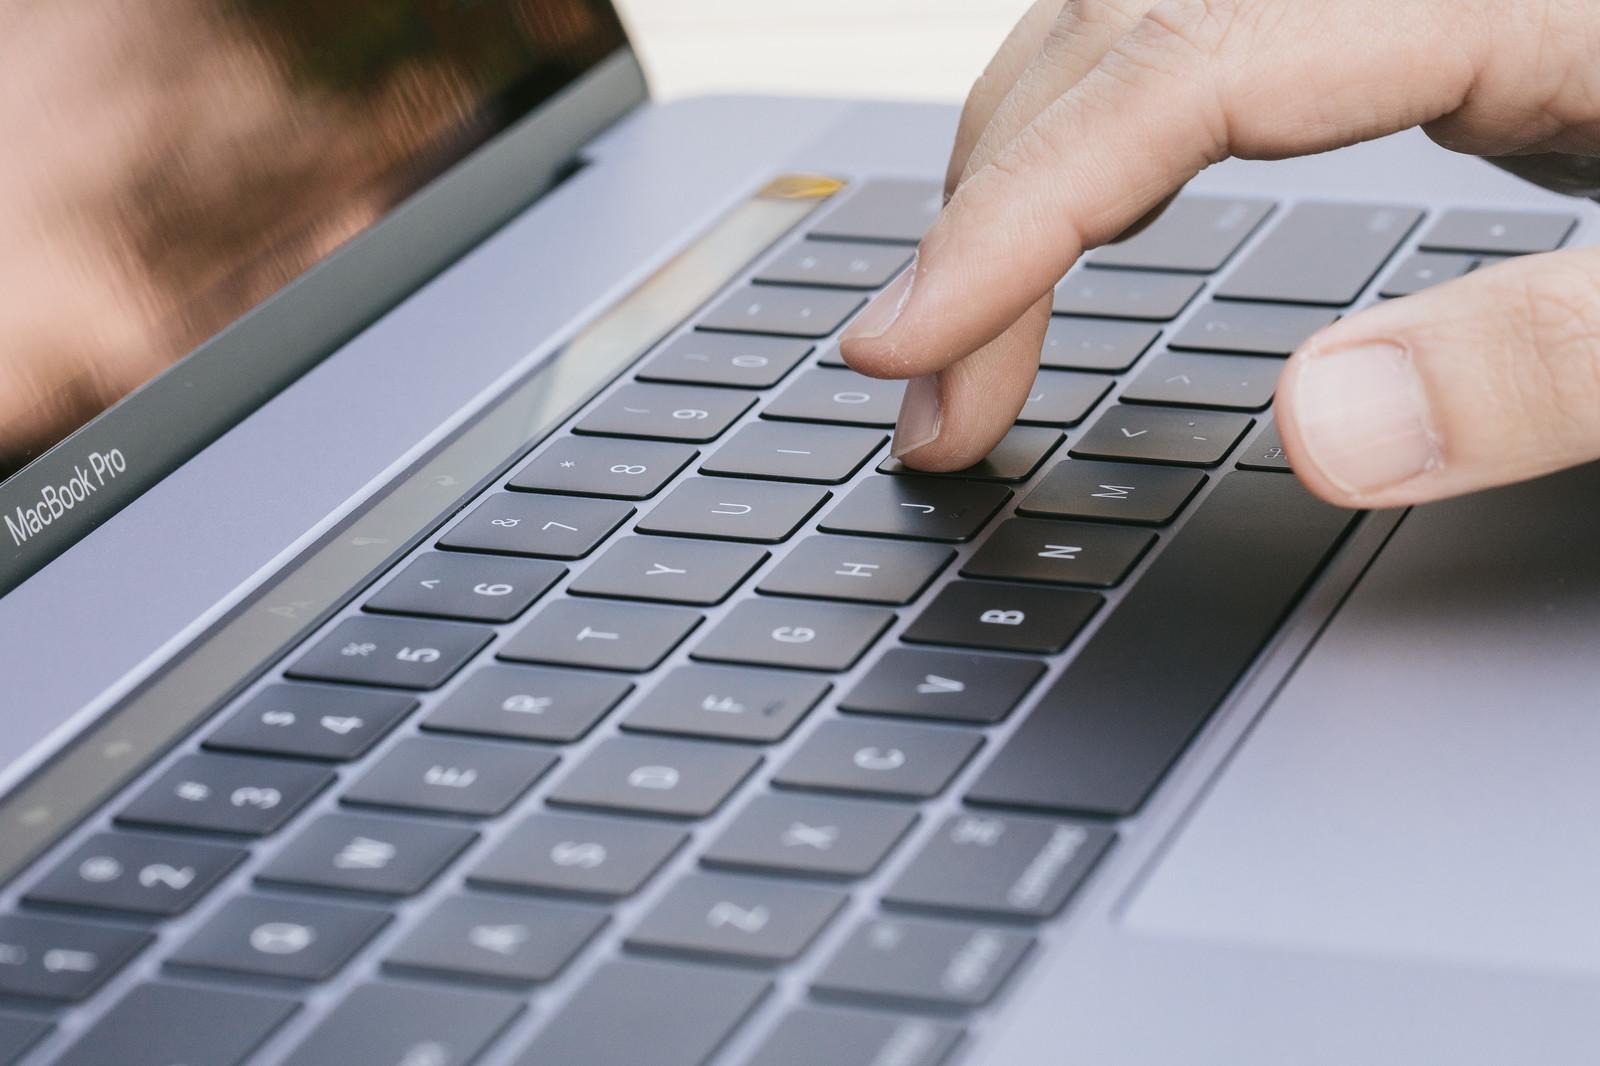 【エクセルVBA】WEBスクレイピングでログインは簡単にできるよ【IE操作】